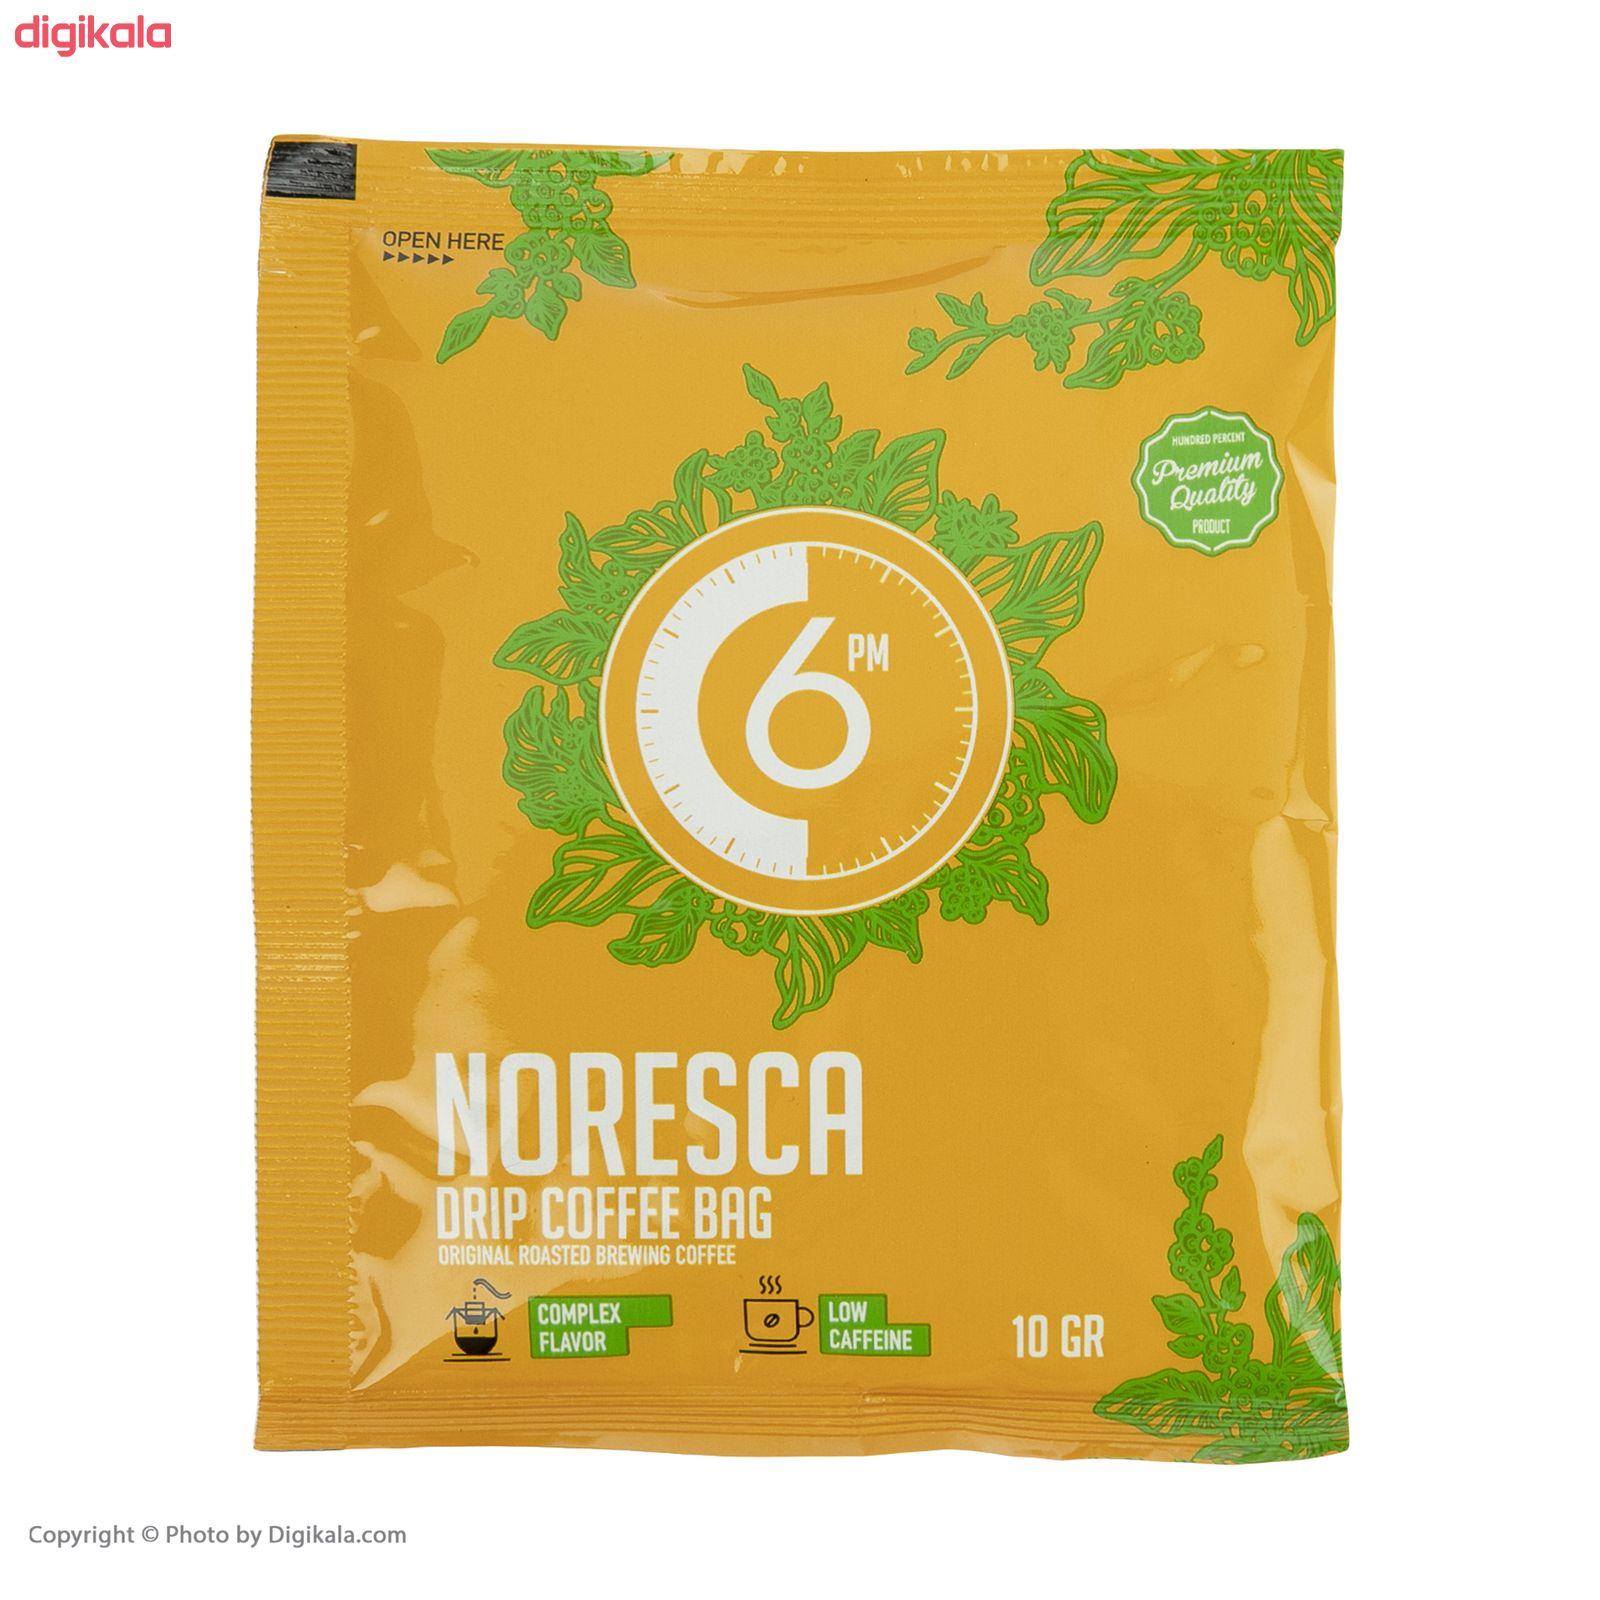 قهوه نورسکا ترکیبی بن مانو - بسته 24 عددی main 1 9